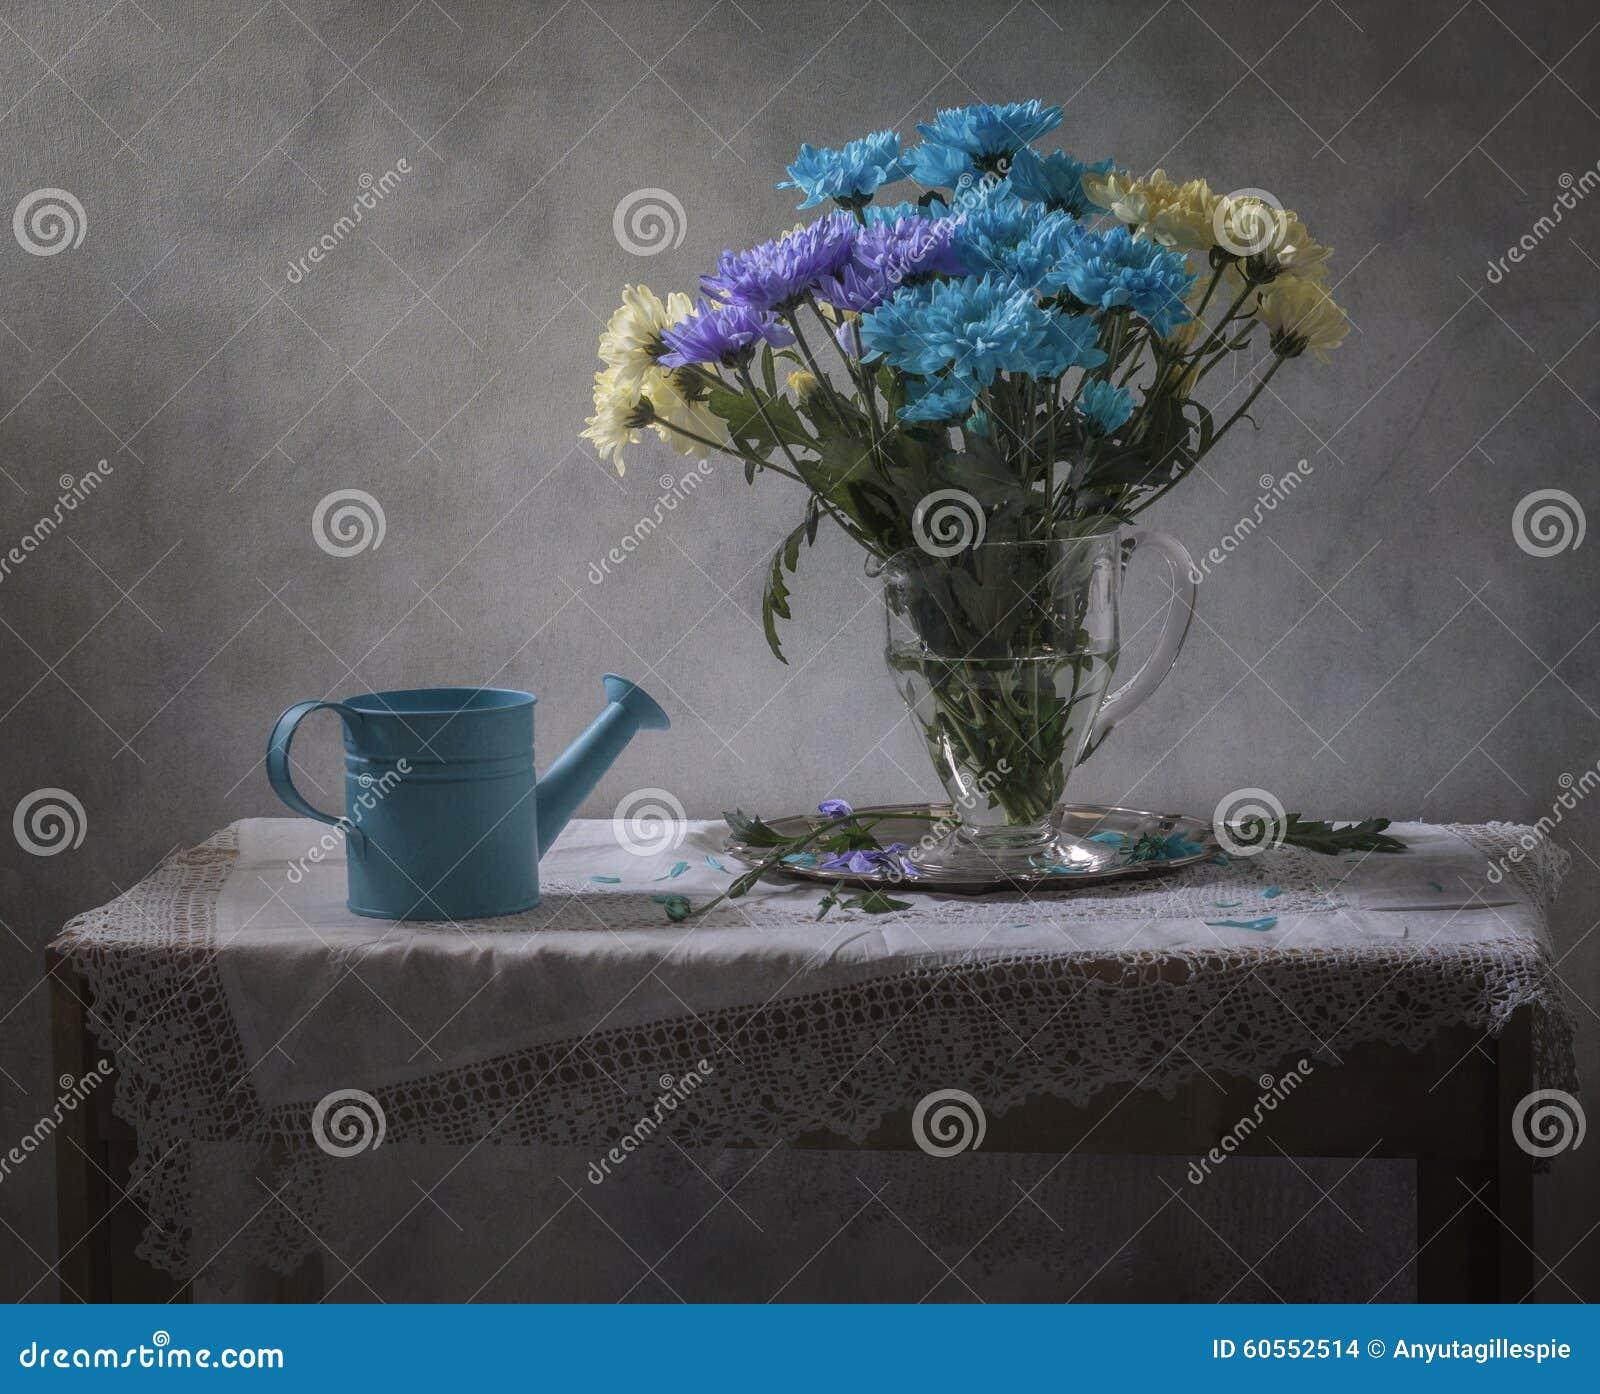 与蓝色喷壶的静物画和菊花花束图片